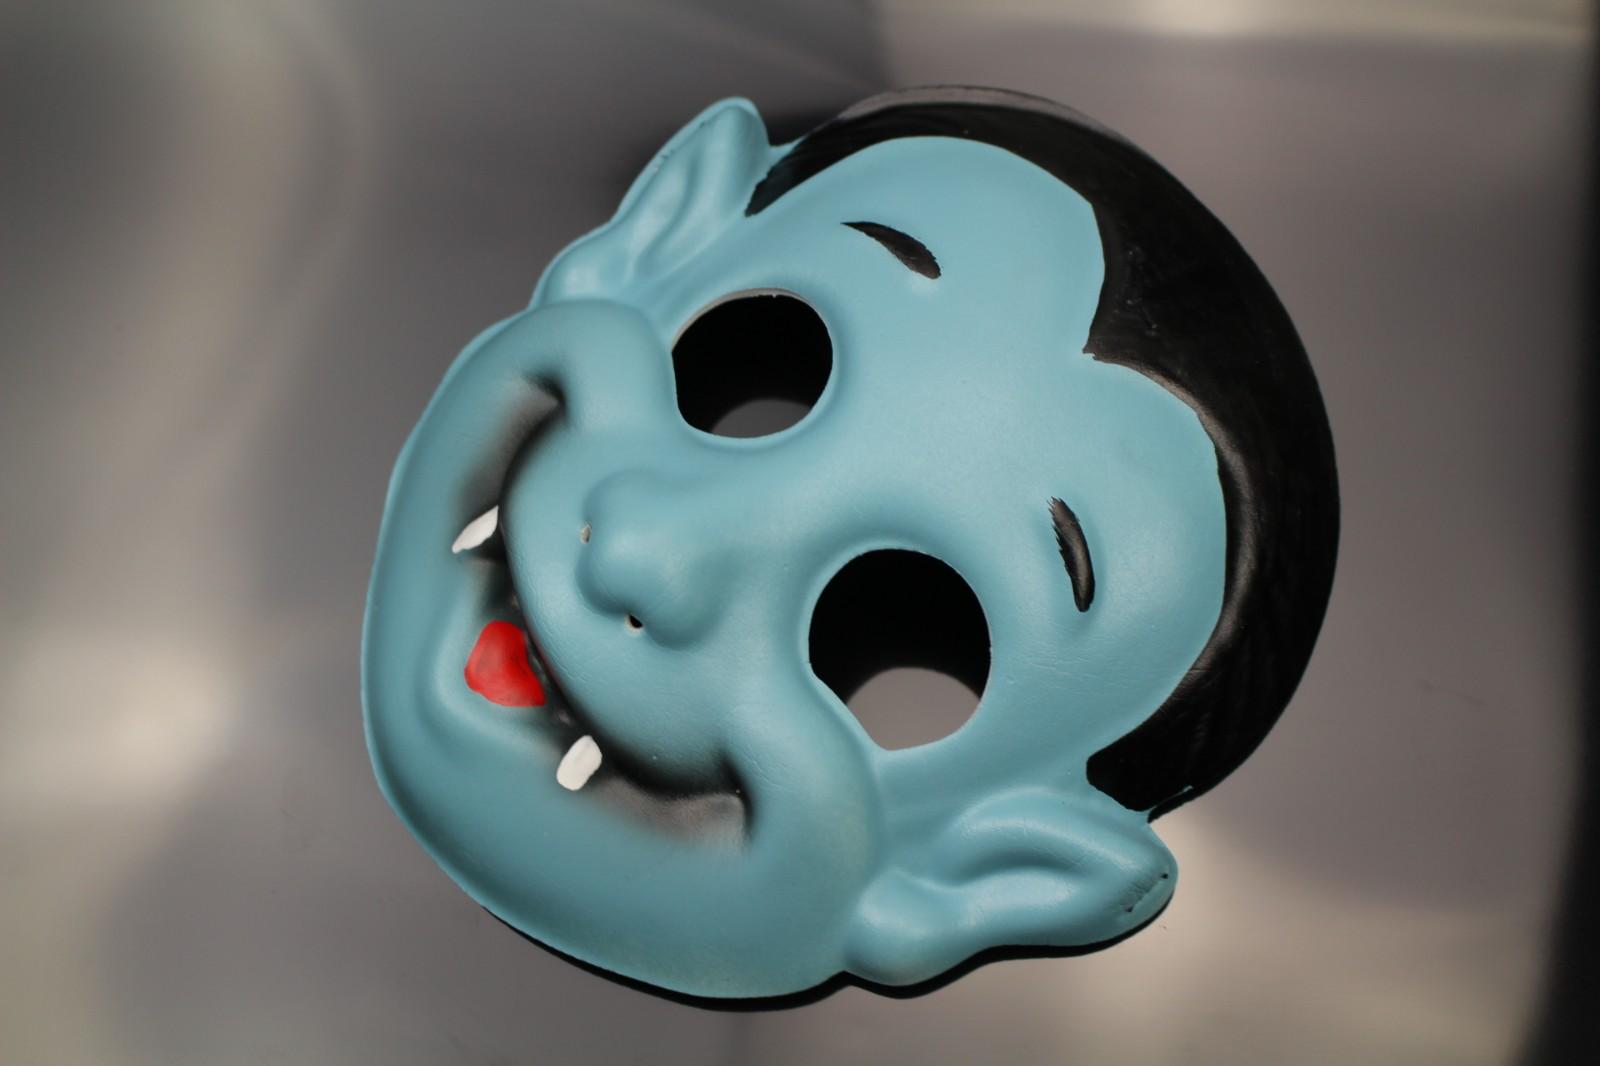 厂家批发万圣节面具 恐怖面具 魔鬼面具 惊声尖叫面